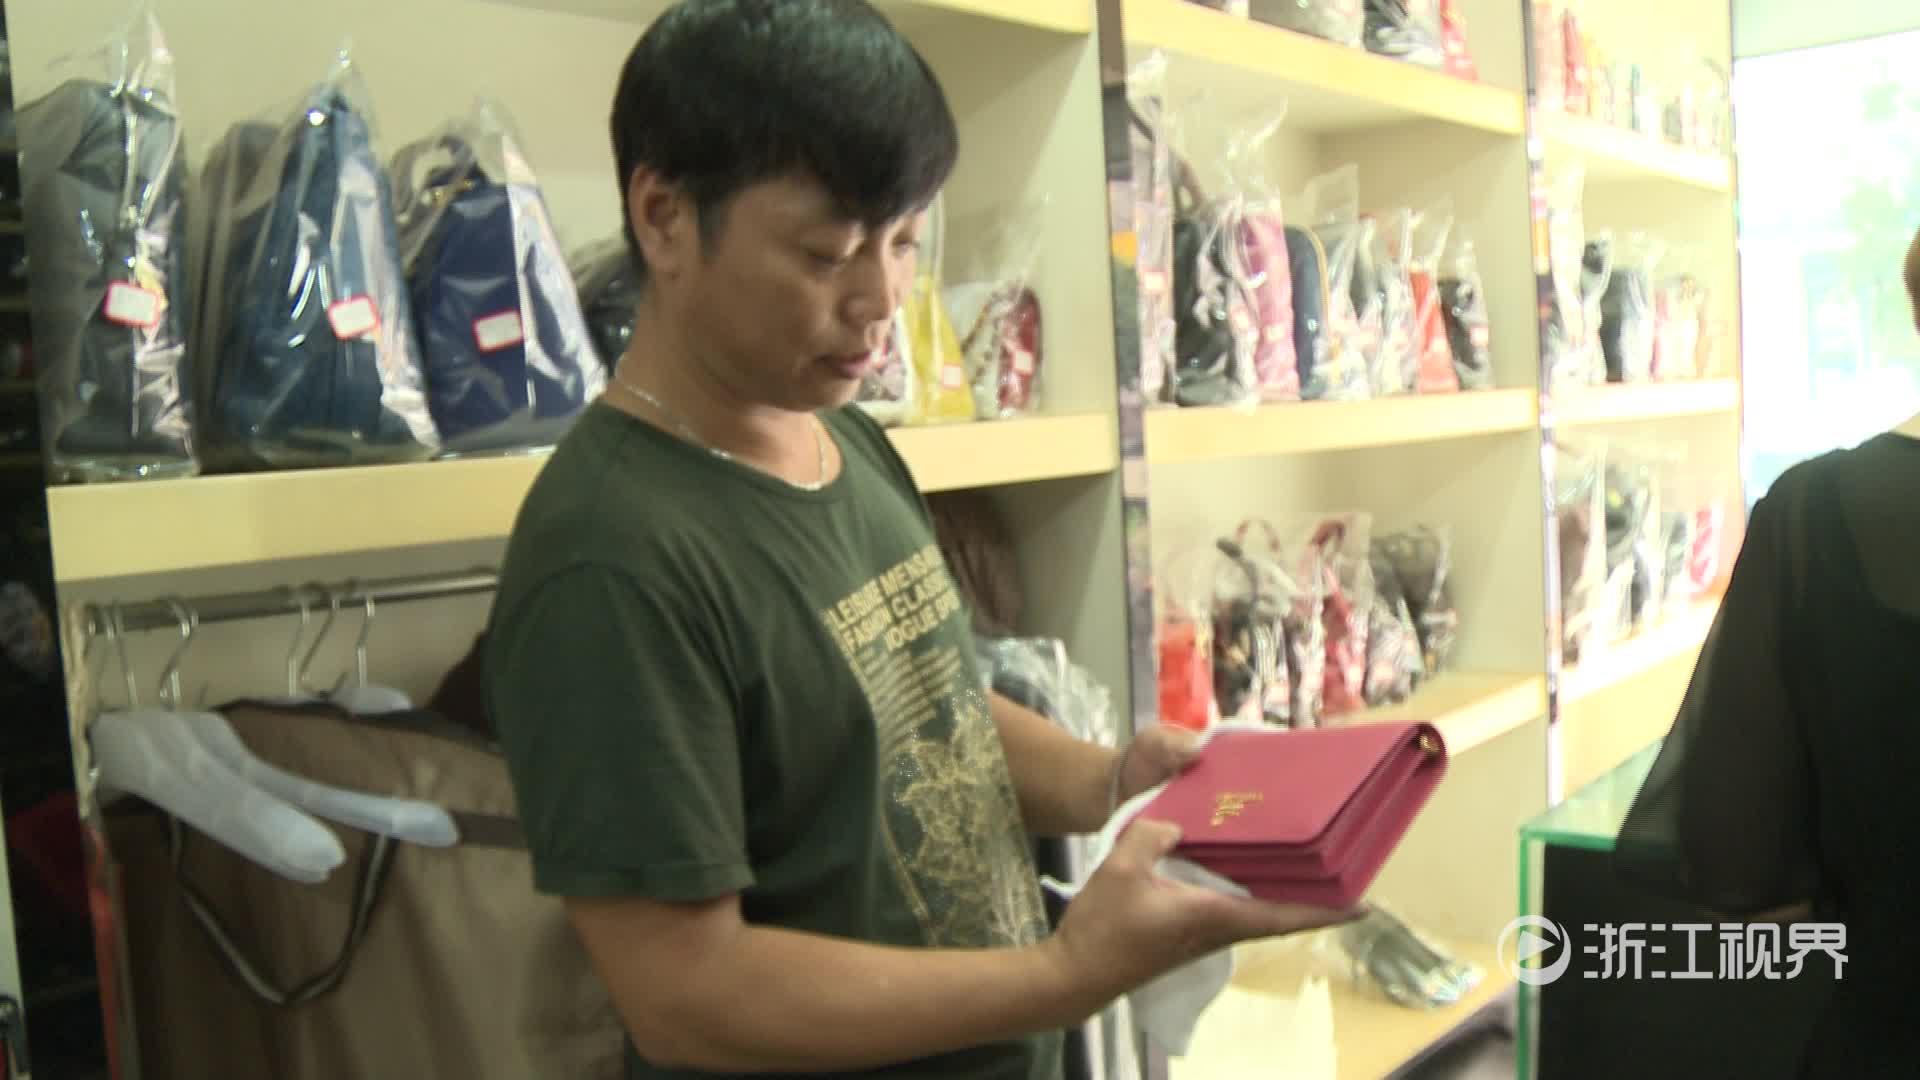 民间工匠精神——夫妻小店包修杭州一半名牌包包